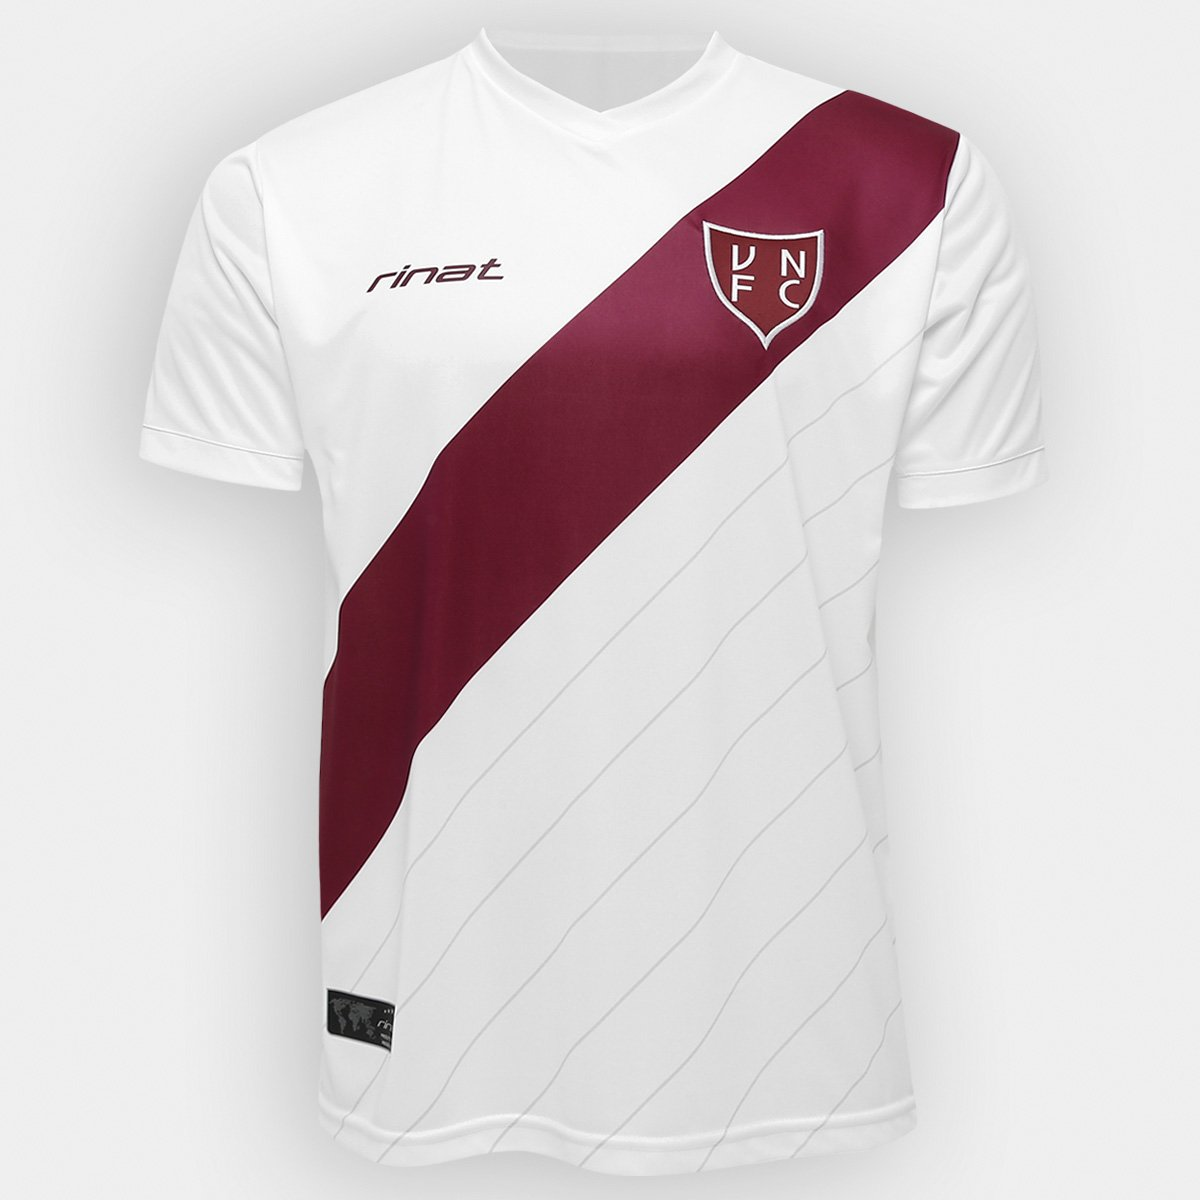 71f235d1a7 Camisa Vila Nova III 2016 s nº - Torcedor Rinat Masculina - Compre Agora